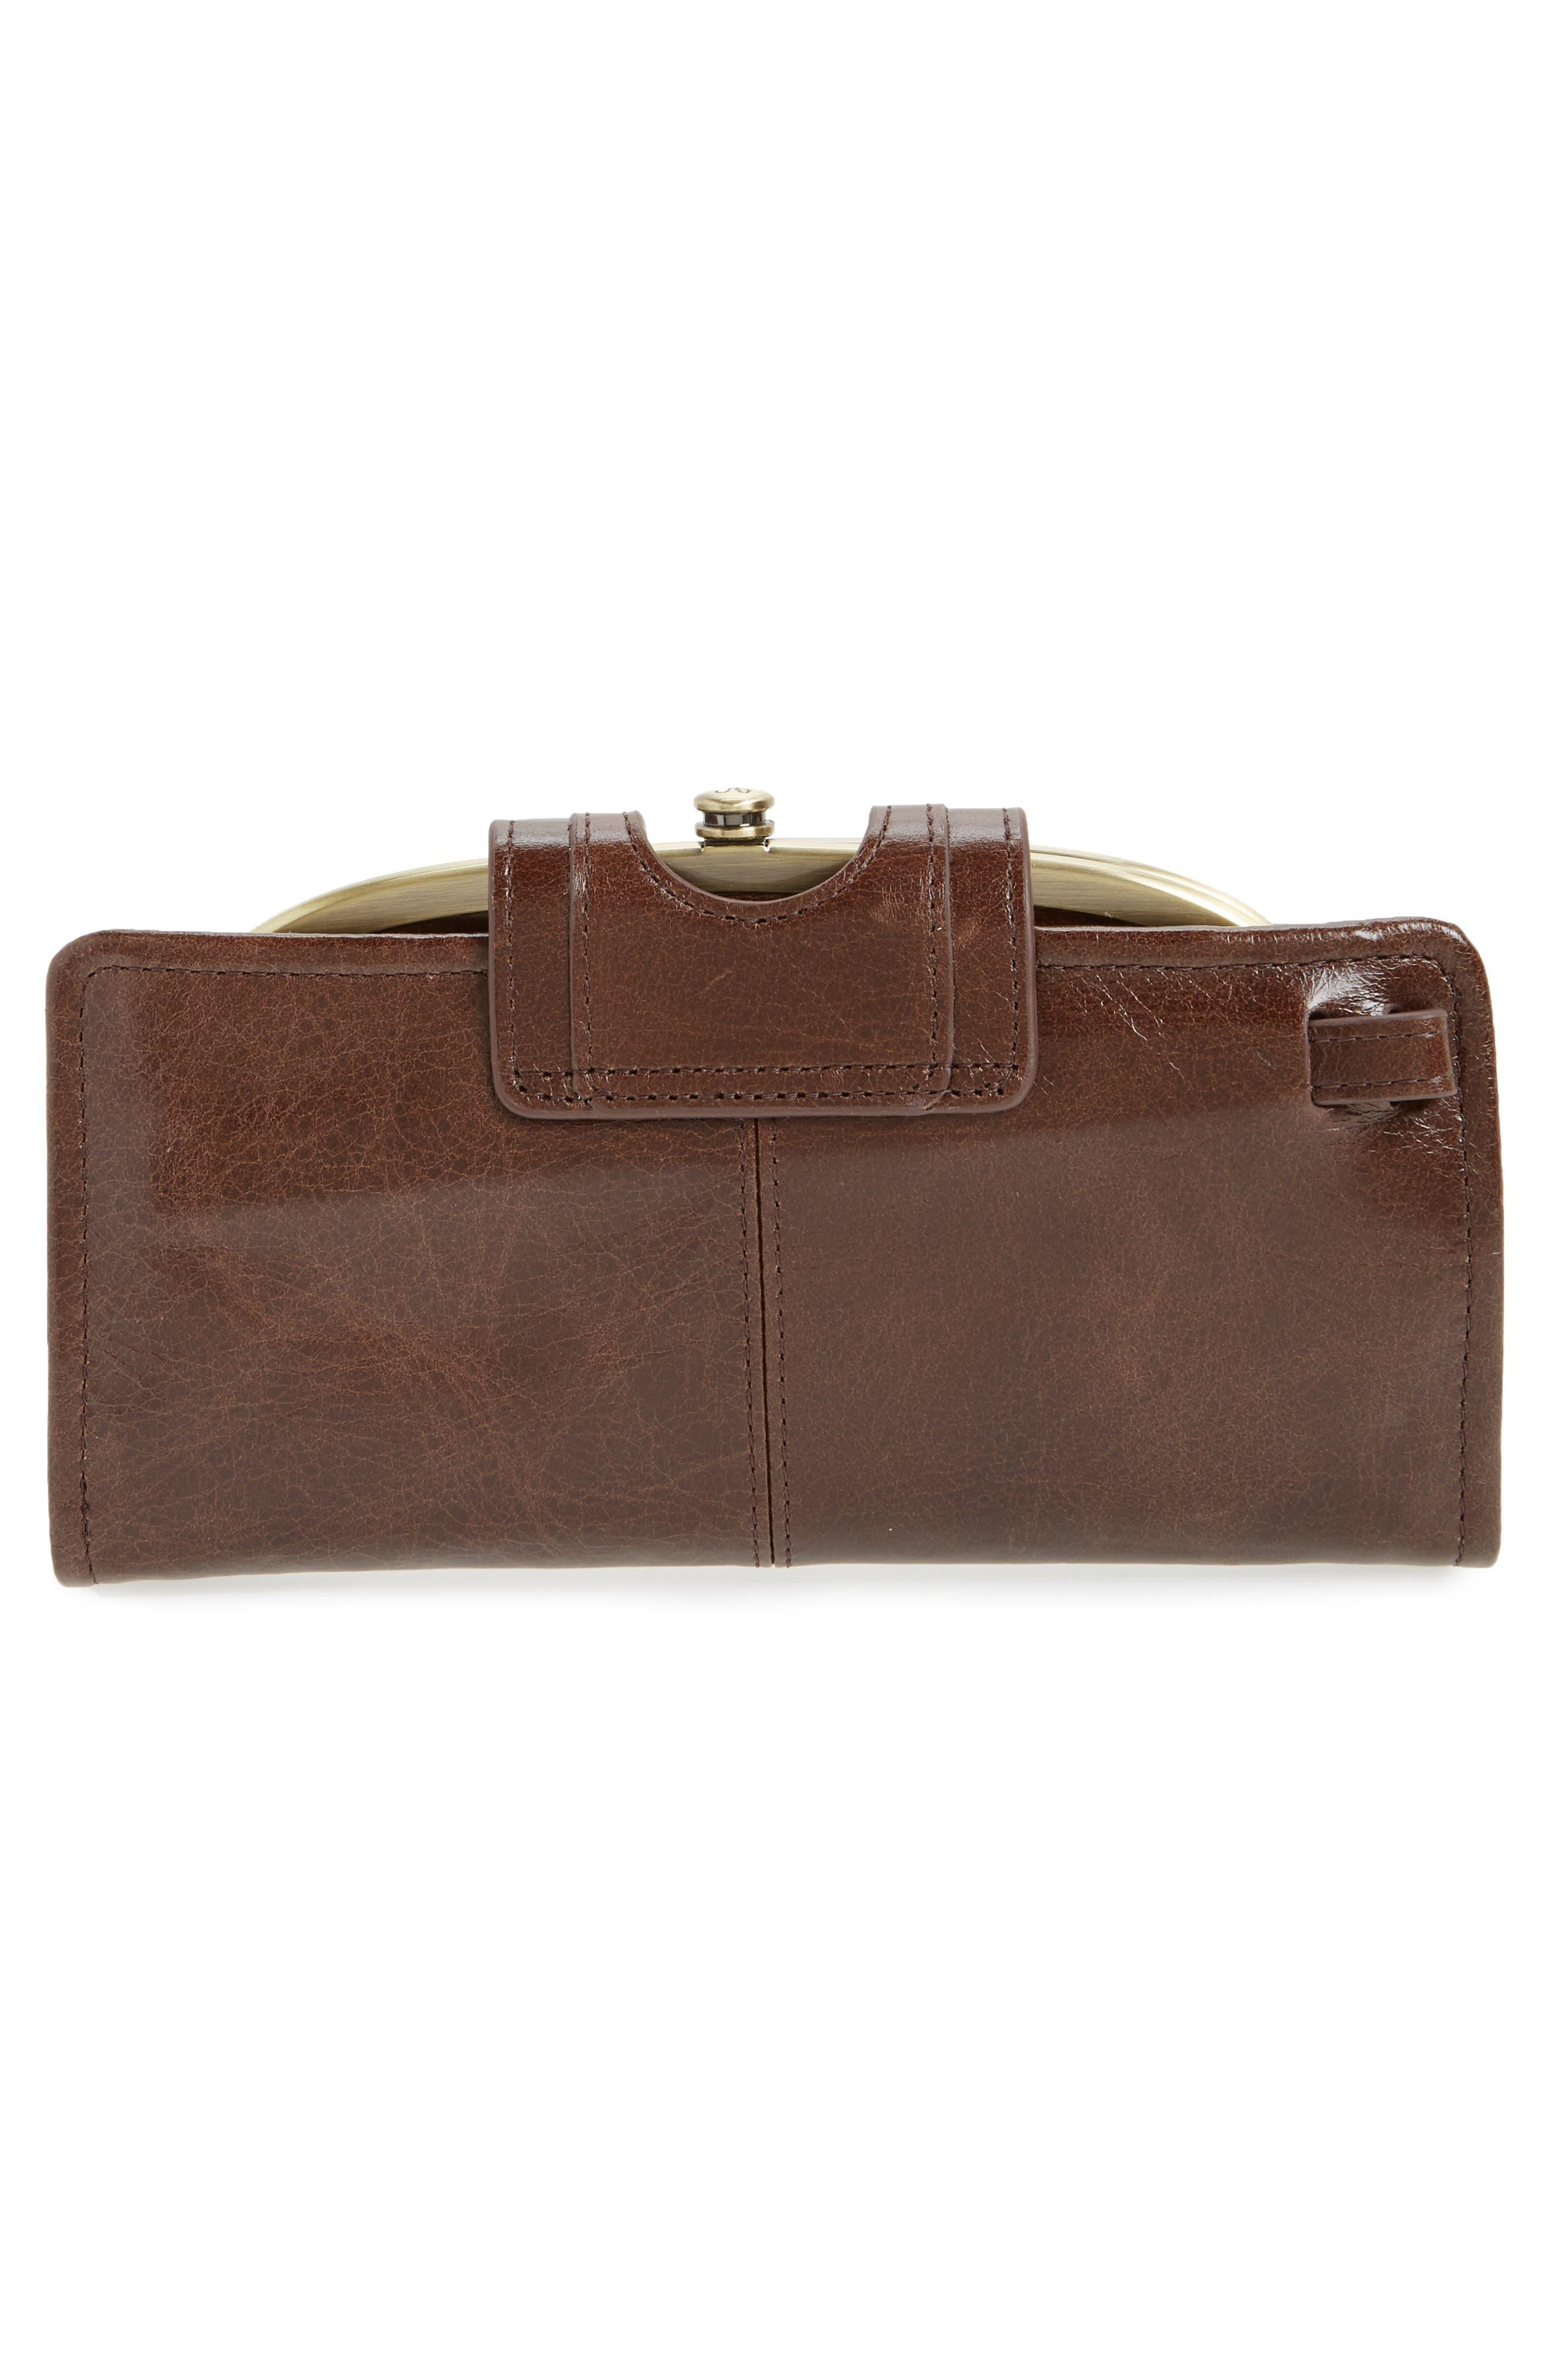 Alternate Image 3  - Hobo Nova Calfskin Leather Wallet